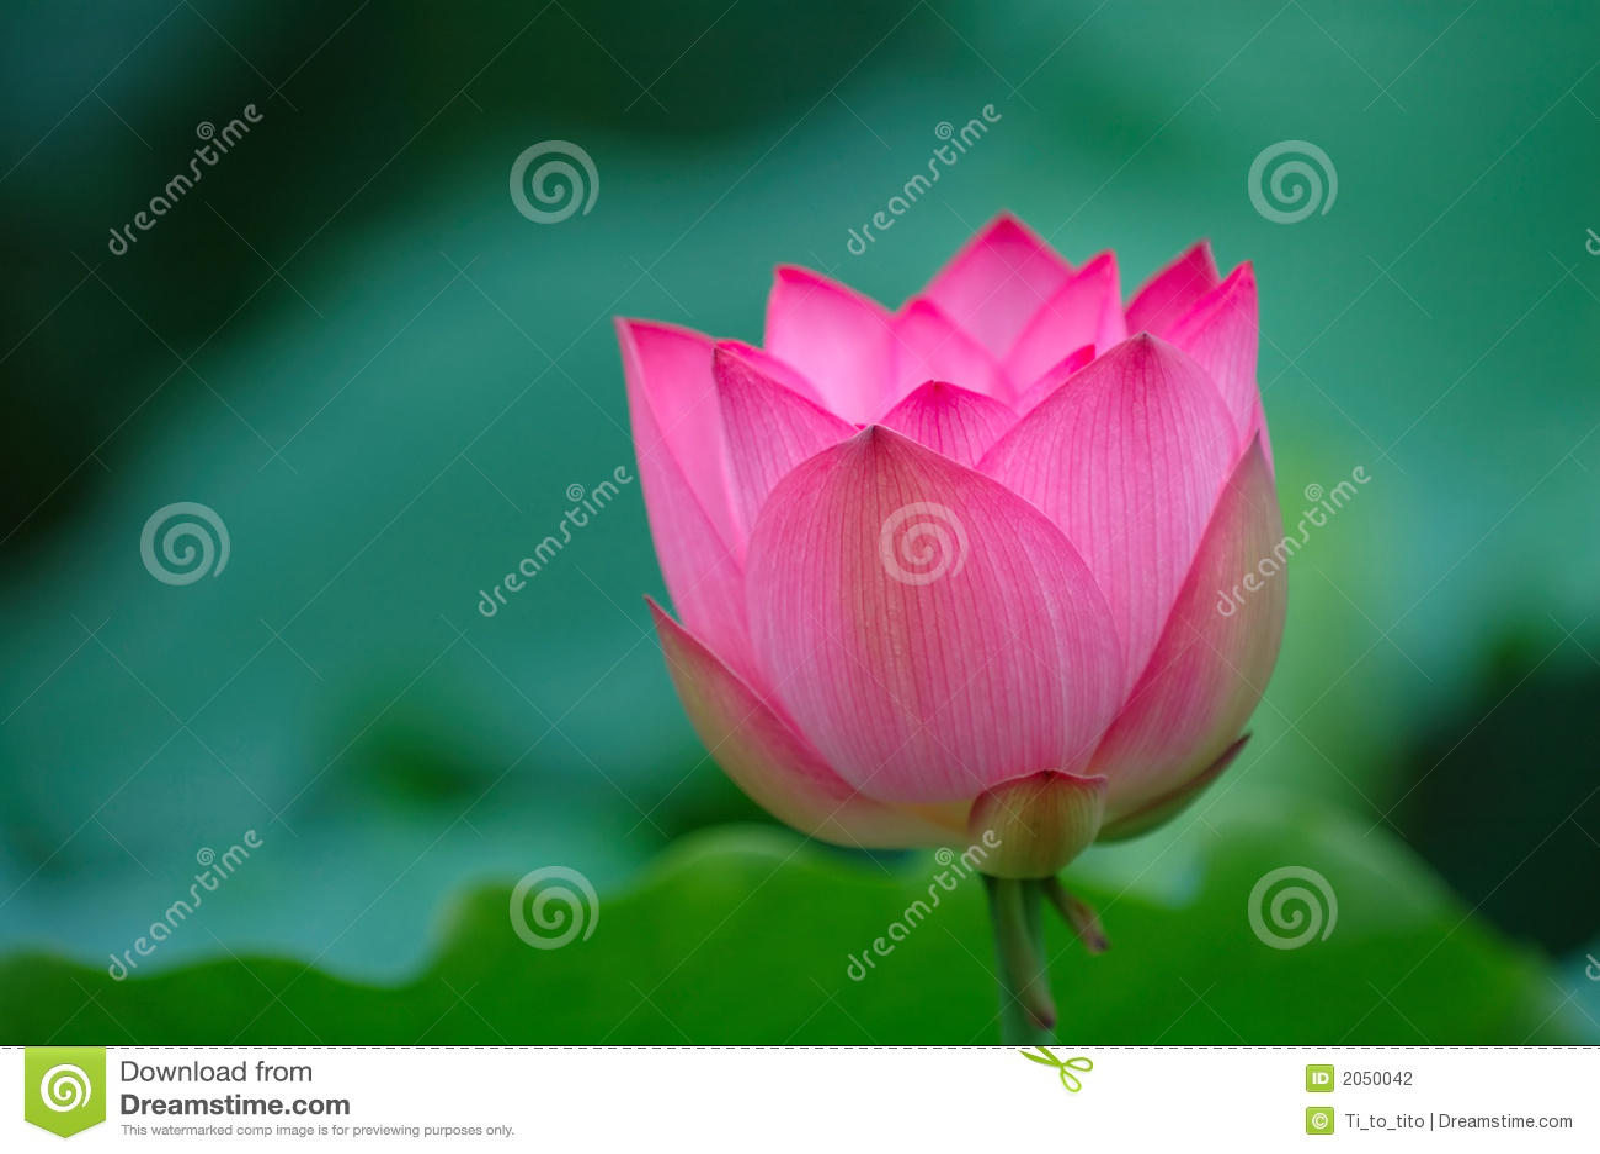 Blühende Lotosblume mit Scharfem